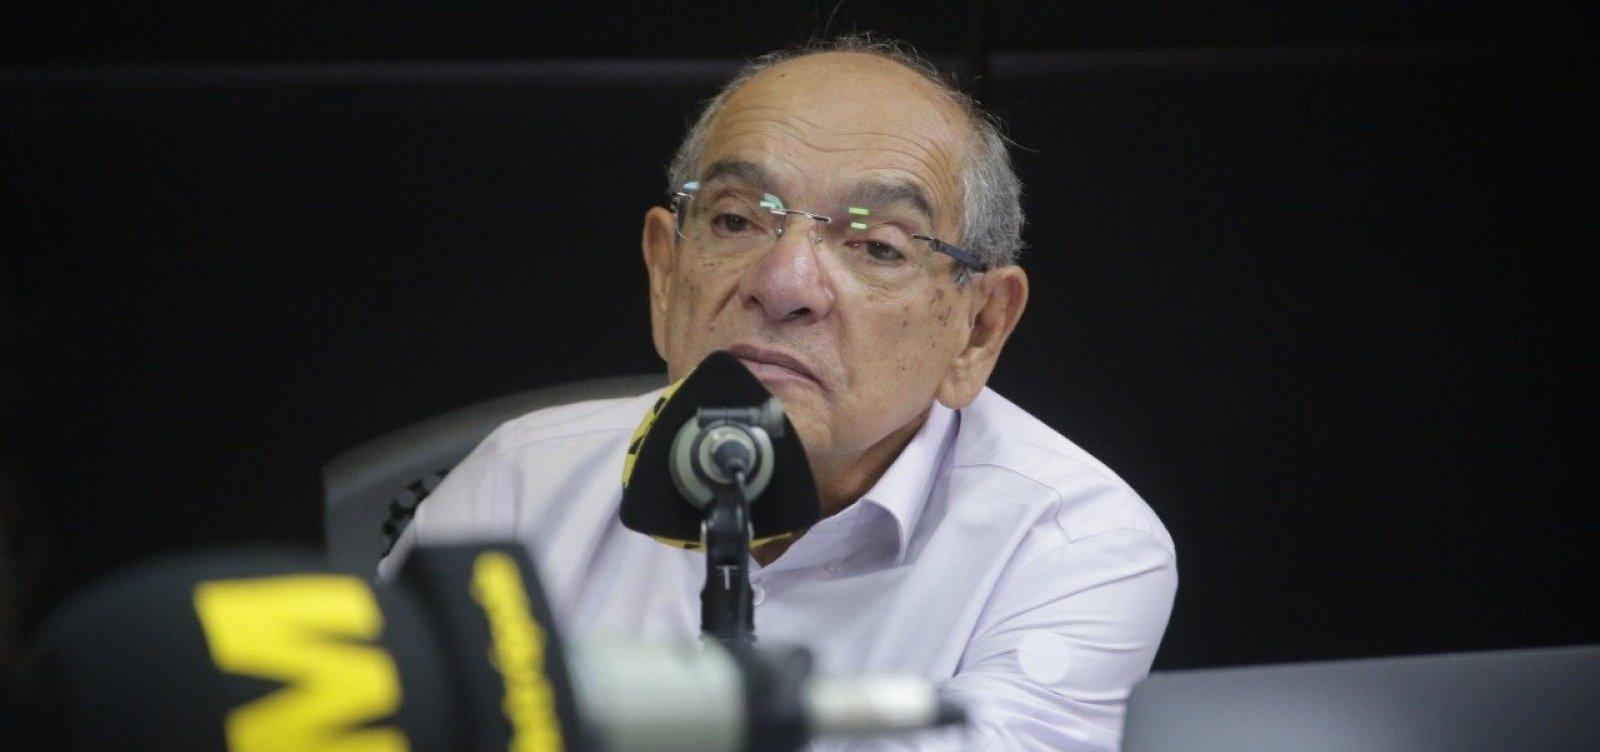 [Democracia brasileira 'está acabando' e Bolsonaro precisa ser contido, diz MK; ouça]